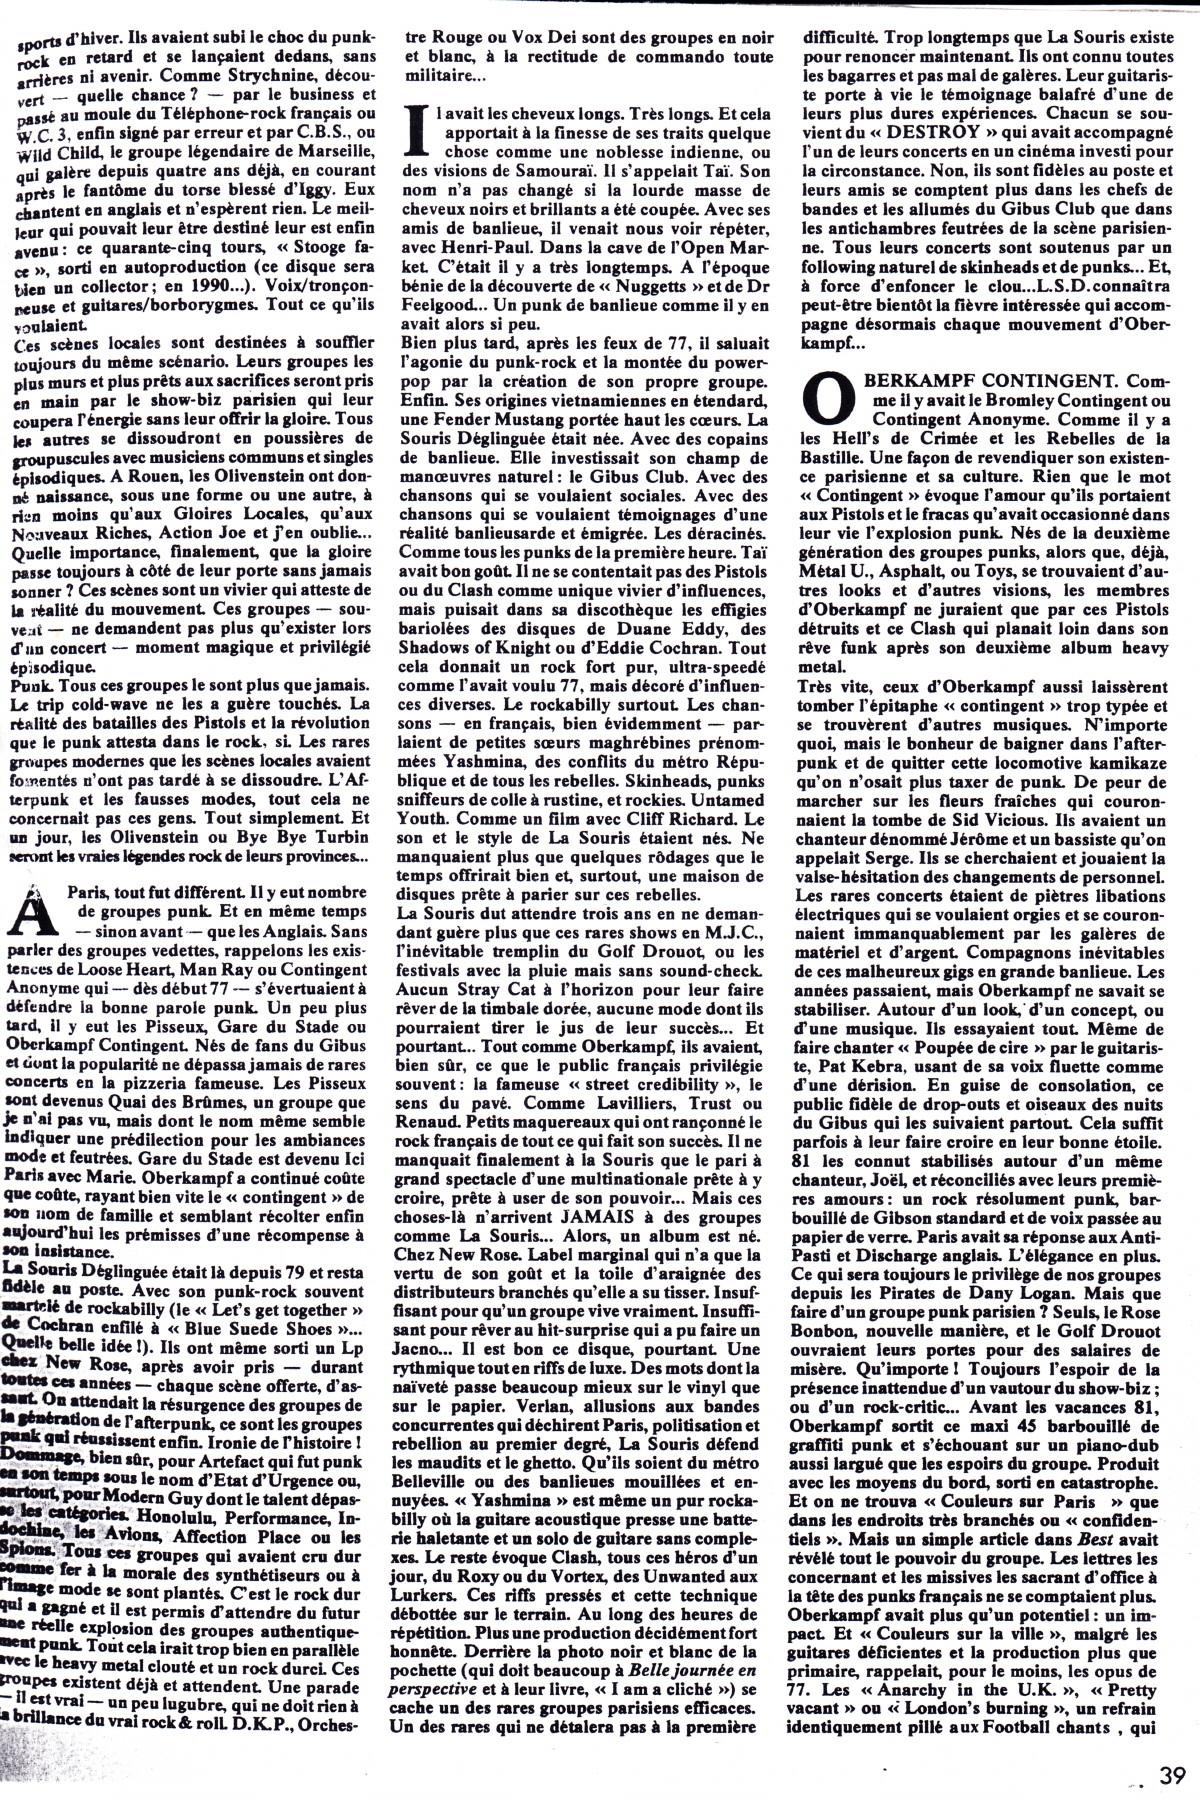 """OBERKAMPF et LA SOURIS DÉGLINGUÉE par PATRICK EUDELINE 1982 (dans """"Best"""") 14041701051216724012156078"""